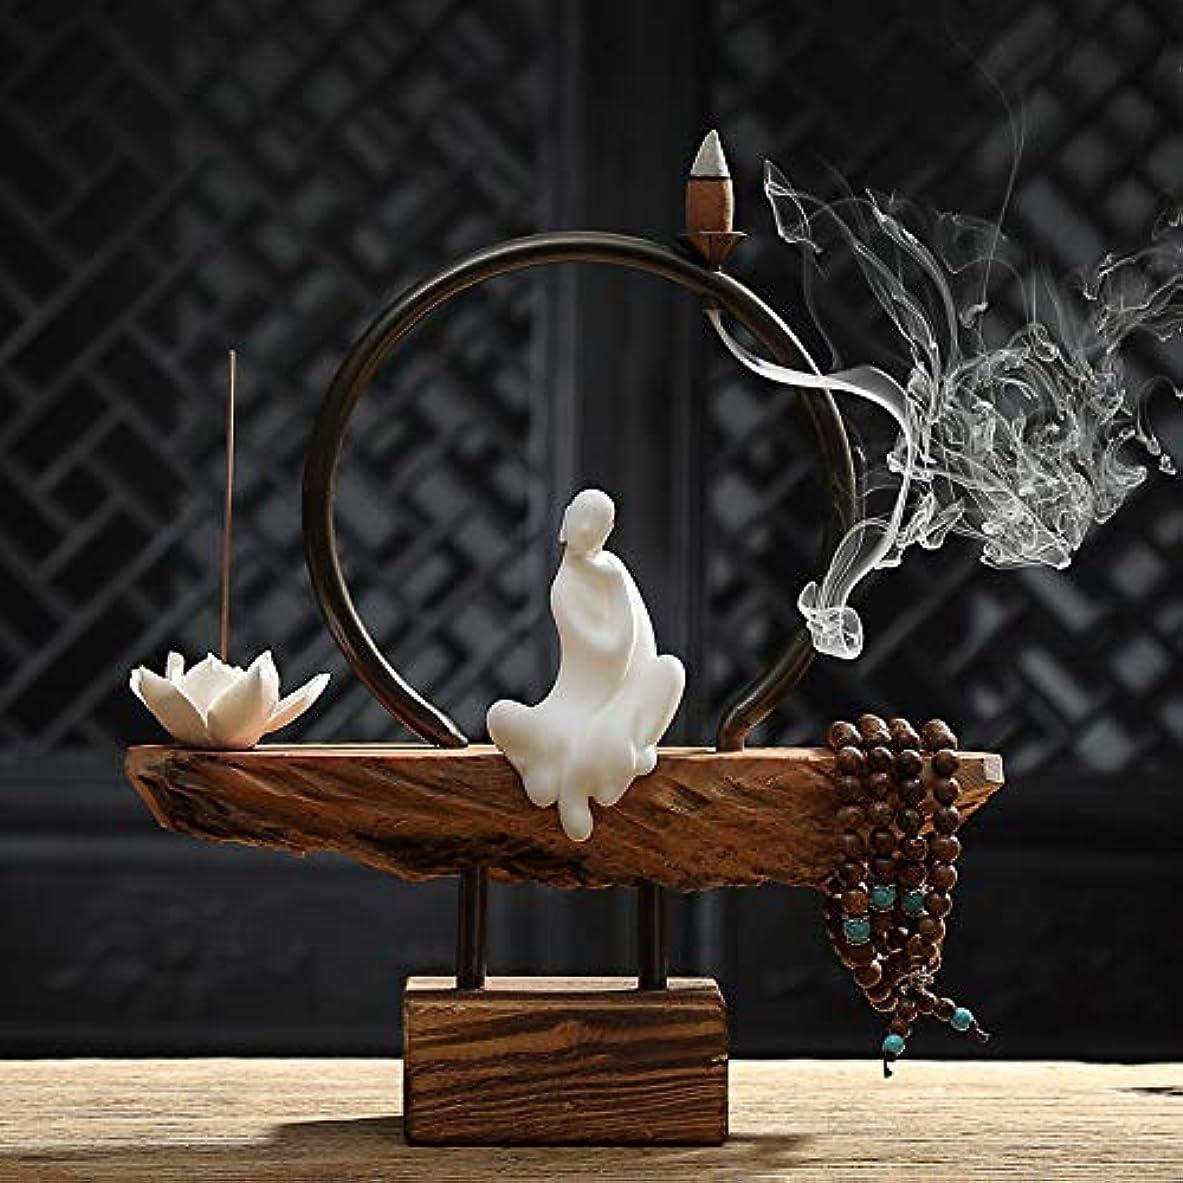 ジョセフバンクス国籍前置詞ホーム白檀茶式ガラス香スティック飾り香炉仏ストーブ香炉家の装飾バーナー26 * 26センチ